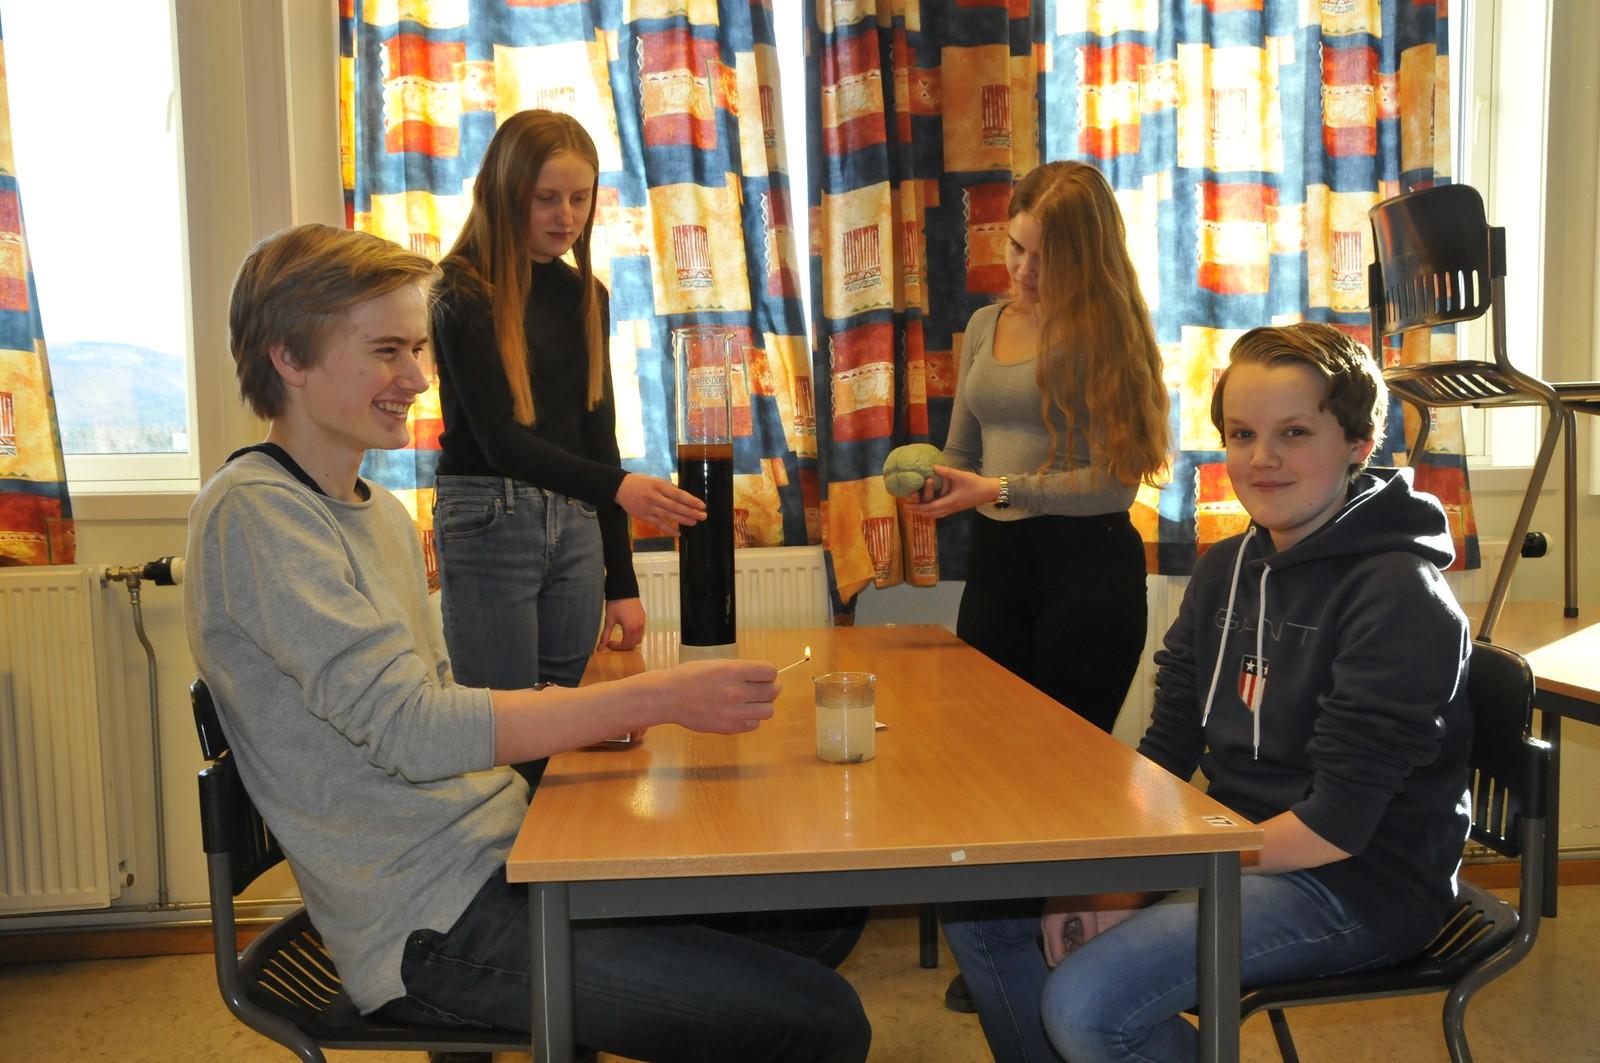 Steffen Magnussen, Ola Sæther, Aslaug Seim Gunstad og Celine Persokrud fra Jevnaker skole